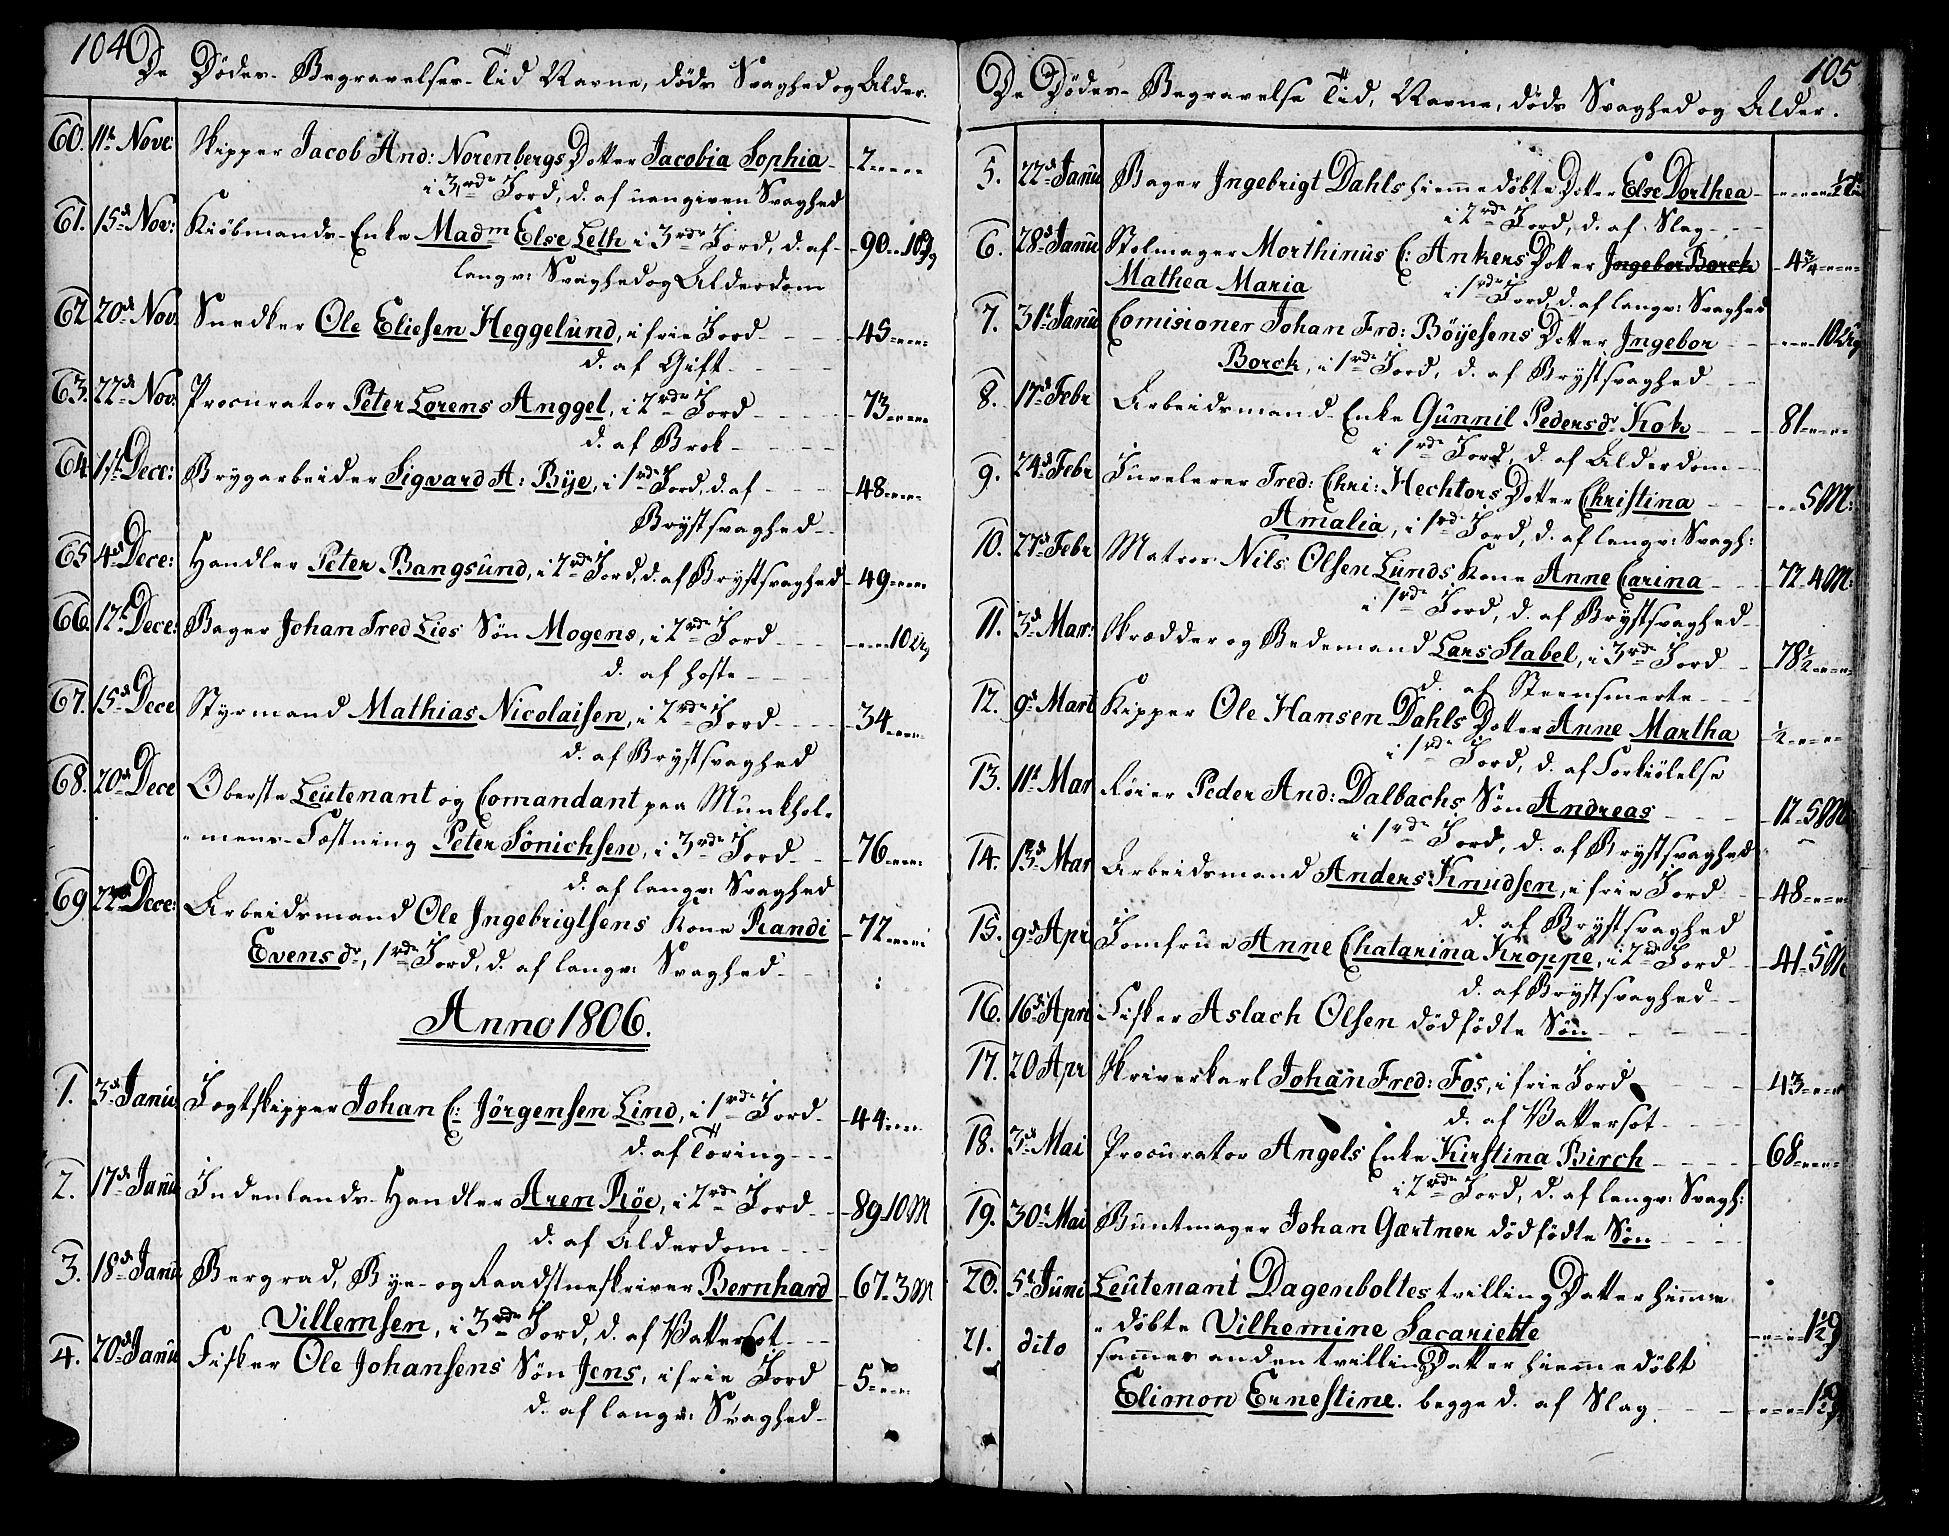 SAT, Ministerialprotokoller, klokkerbøker og fødselsregistre - Sør-Trøndelag, 602/L0106: Ministerialbok nr. 602A04, 1774-1814, s. 104-105